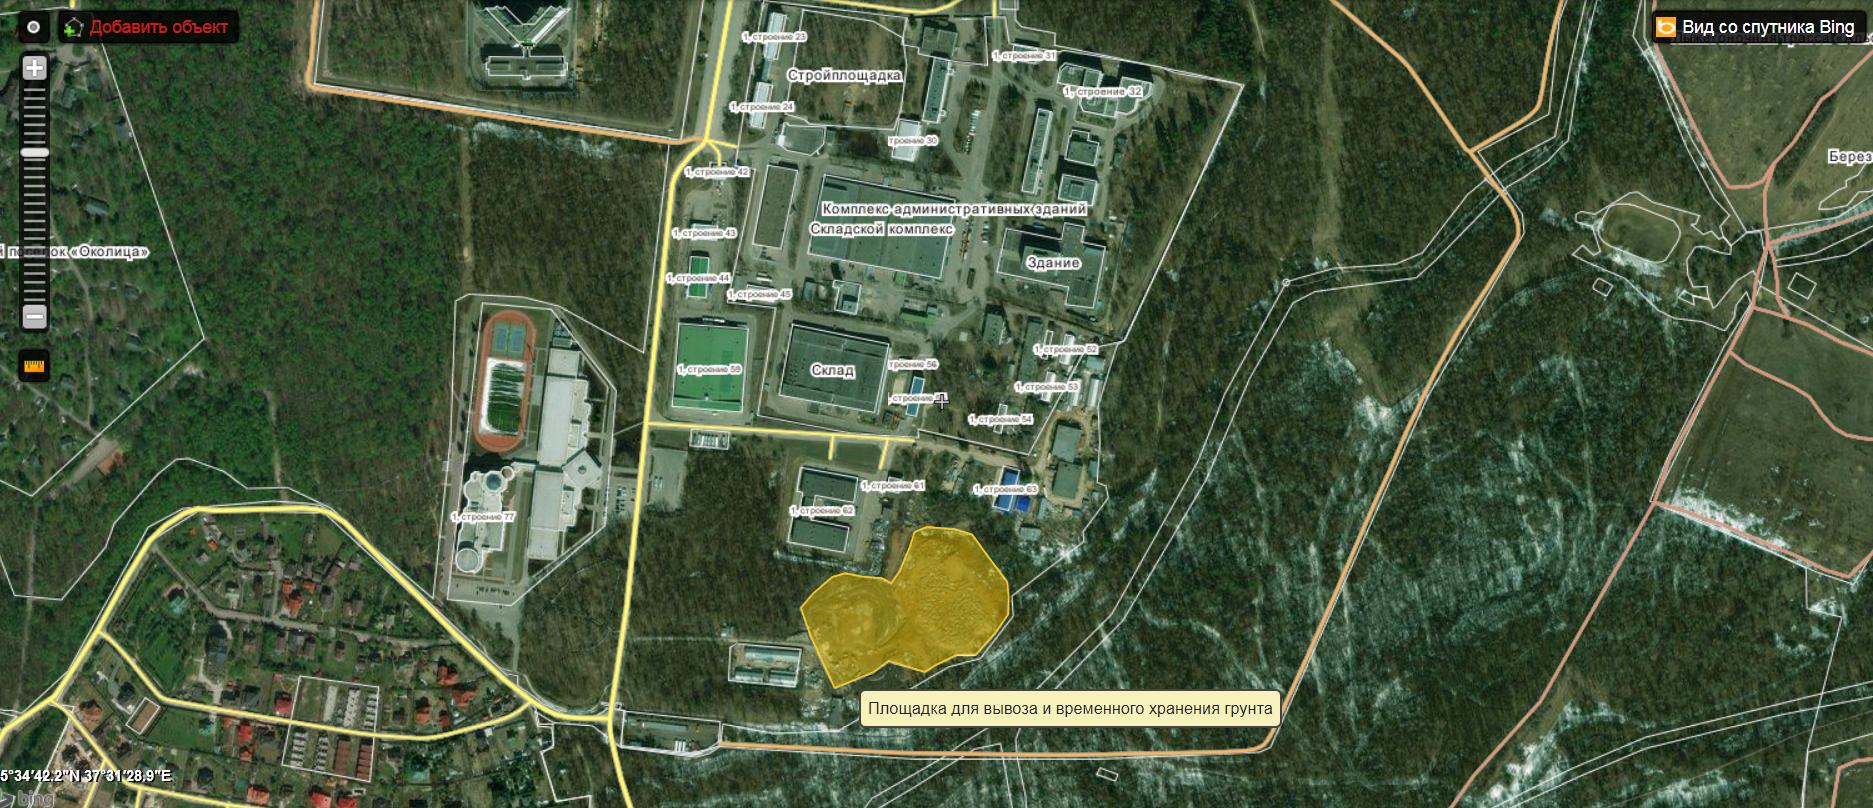 Карти з будівлею, де виготовляють Новачок_3